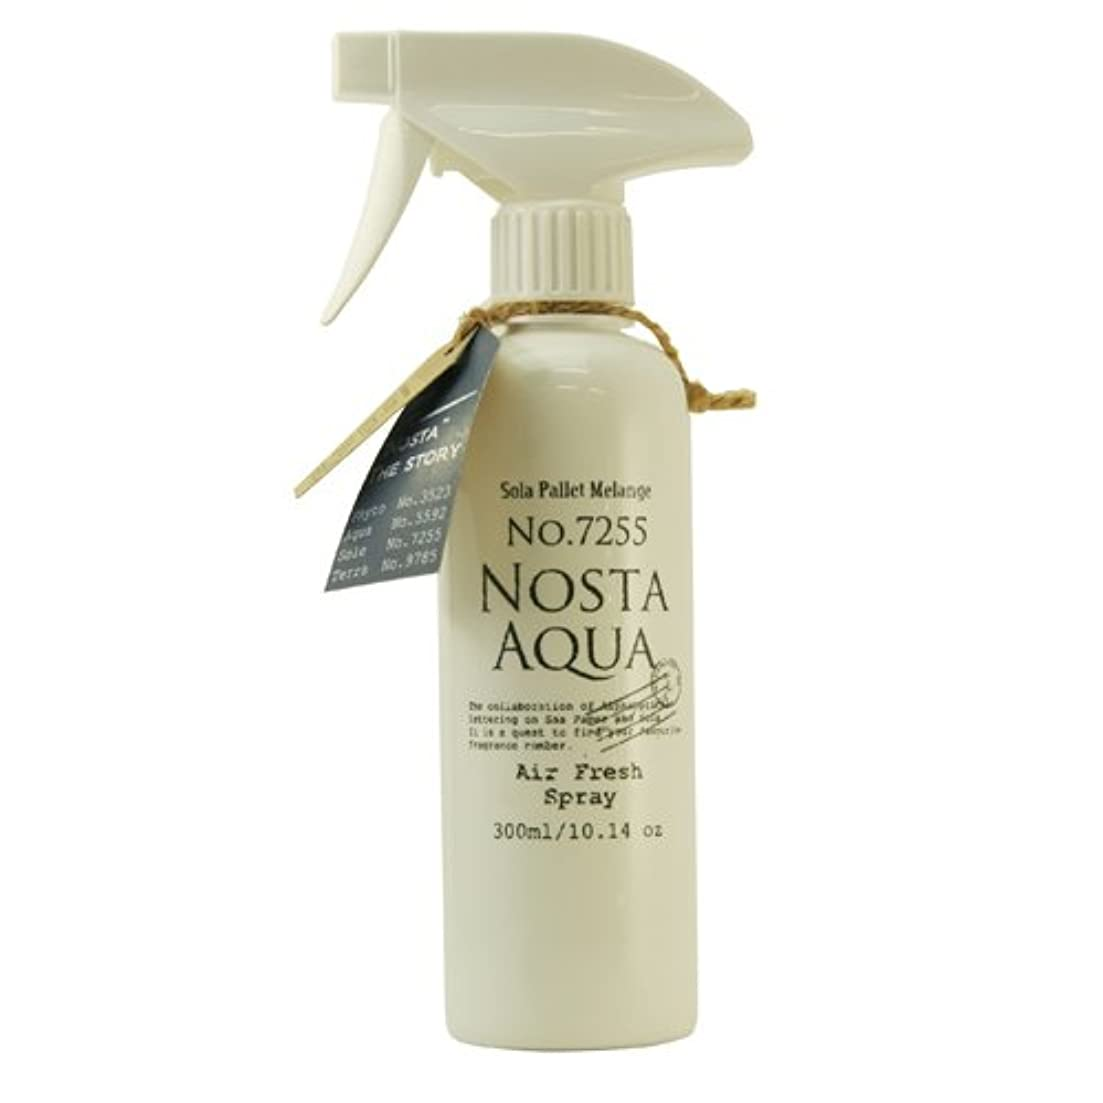 流行骨折優雅なNosta ノスタ Air Fresh Spray エアーフレッシュスプレー(ルームスプレー)Aqua アクア / 生命の起源